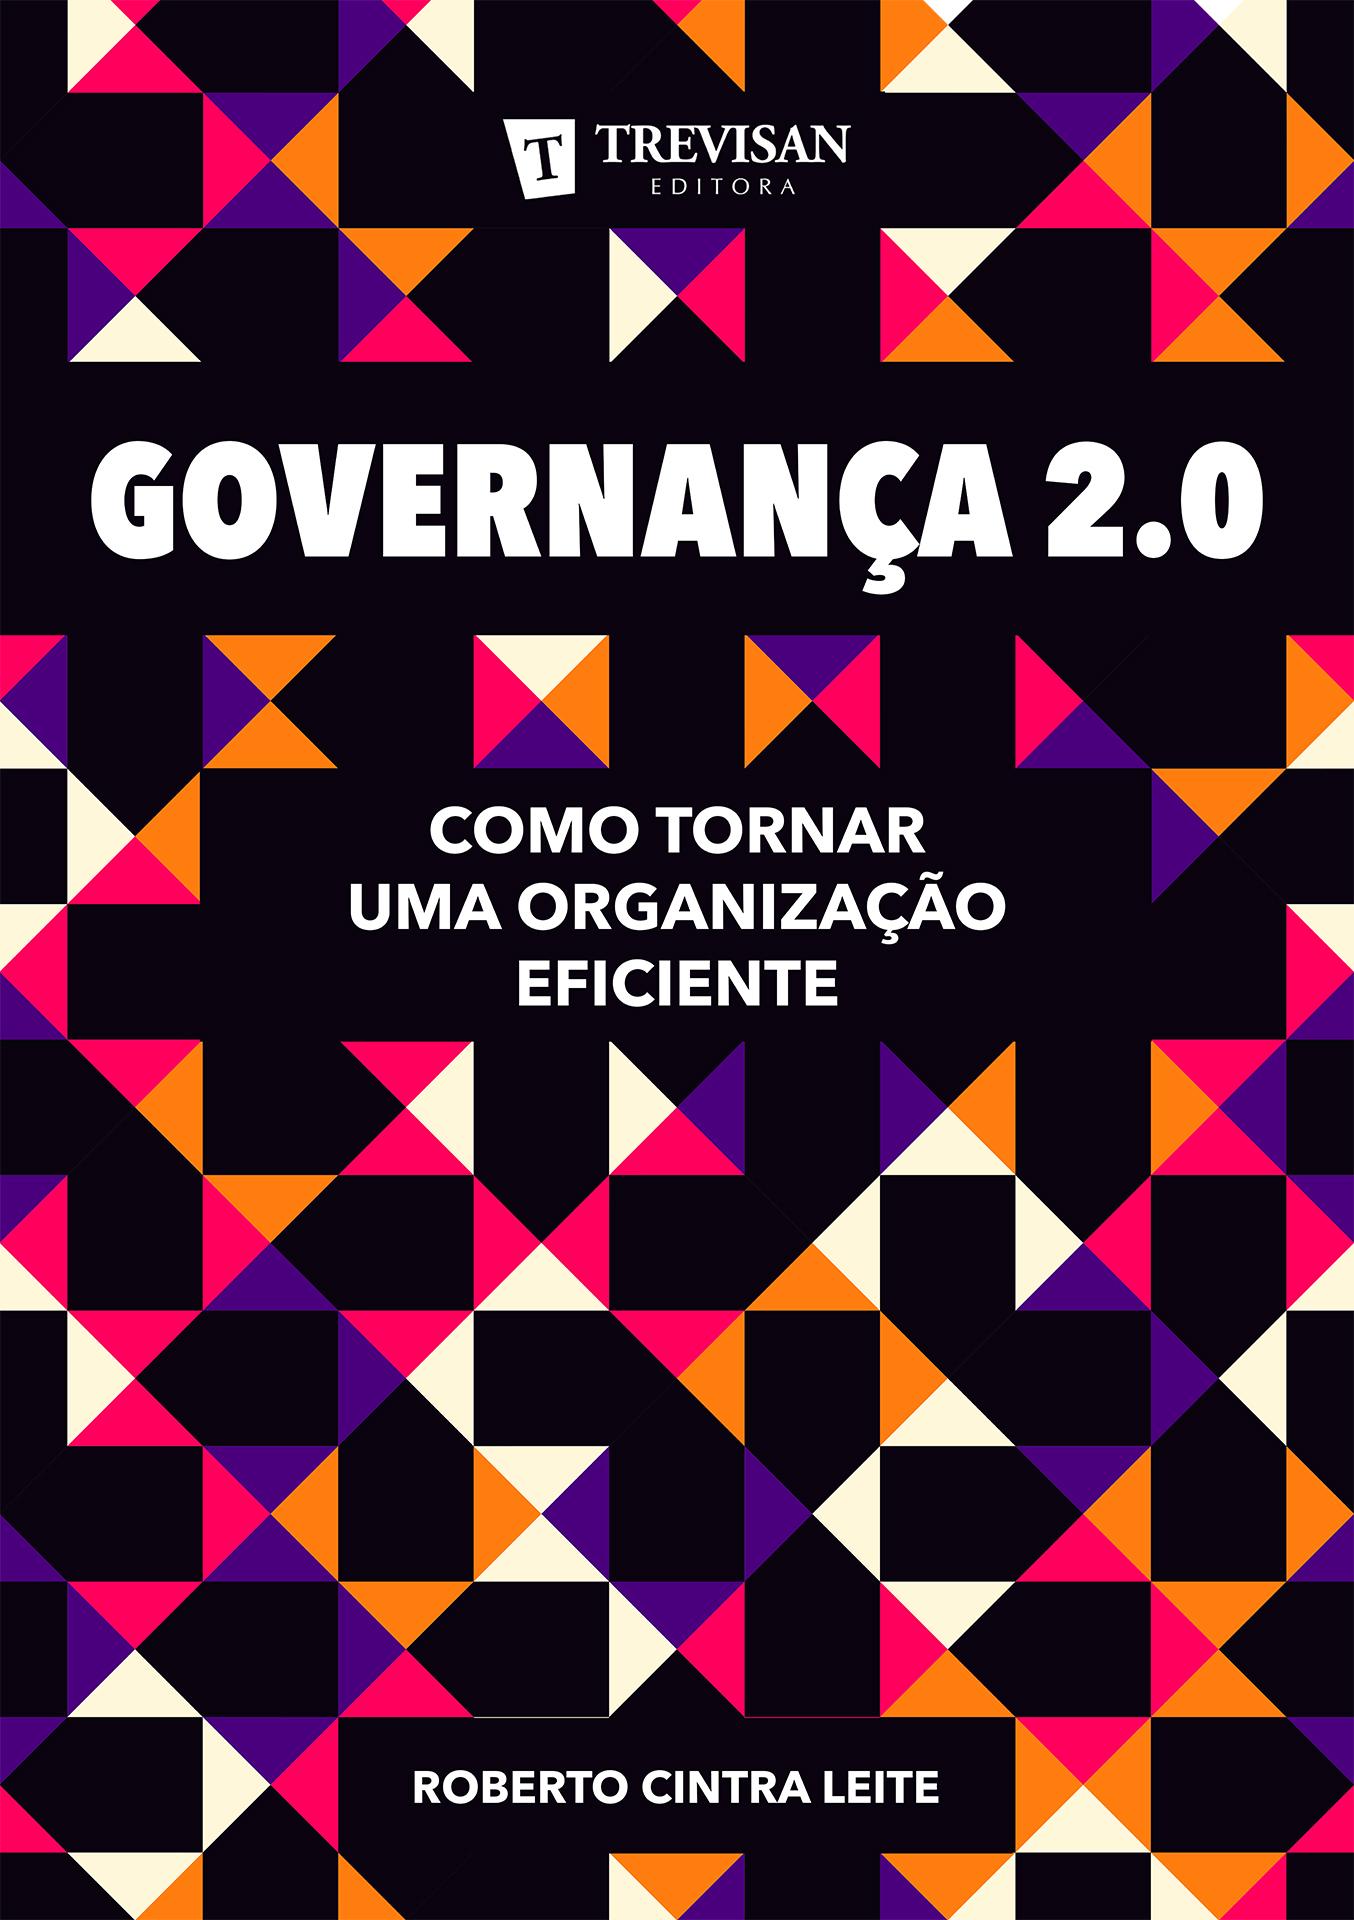 Governança 2.0: Como tornar uma organização eficiente